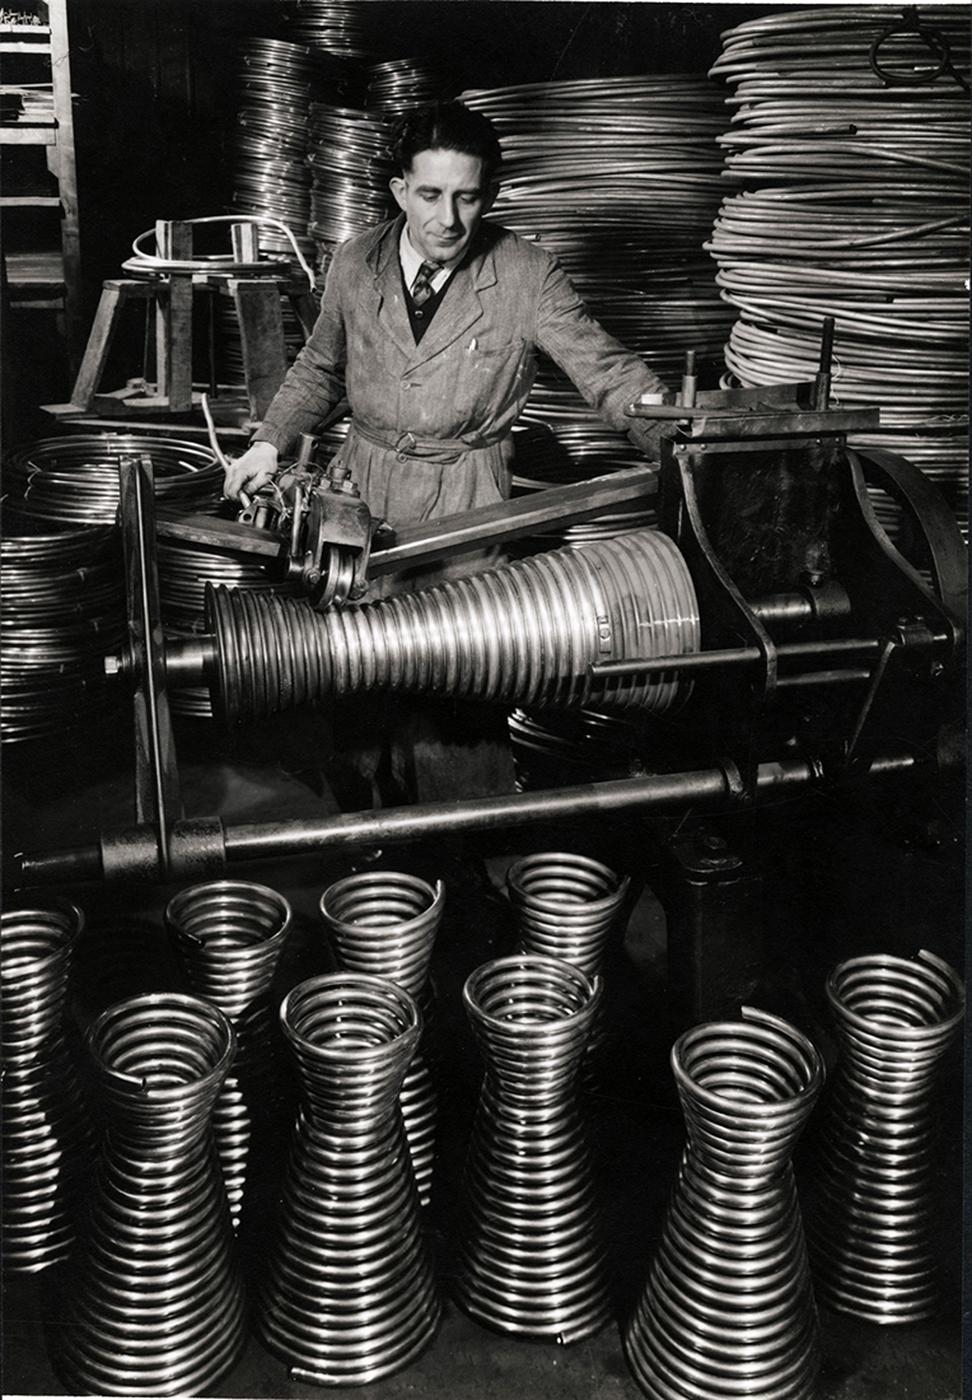 """François Kollar, """"Sans titre [Fabrication de corps de chauffe de chauffe-eau, Usine Brandt, France]"""" (1950s), 13.6 x 8.9 cm (donation François Kollar, Médiathèque de l'architecture et du patrimoine, Charenton-le-Pont)"""